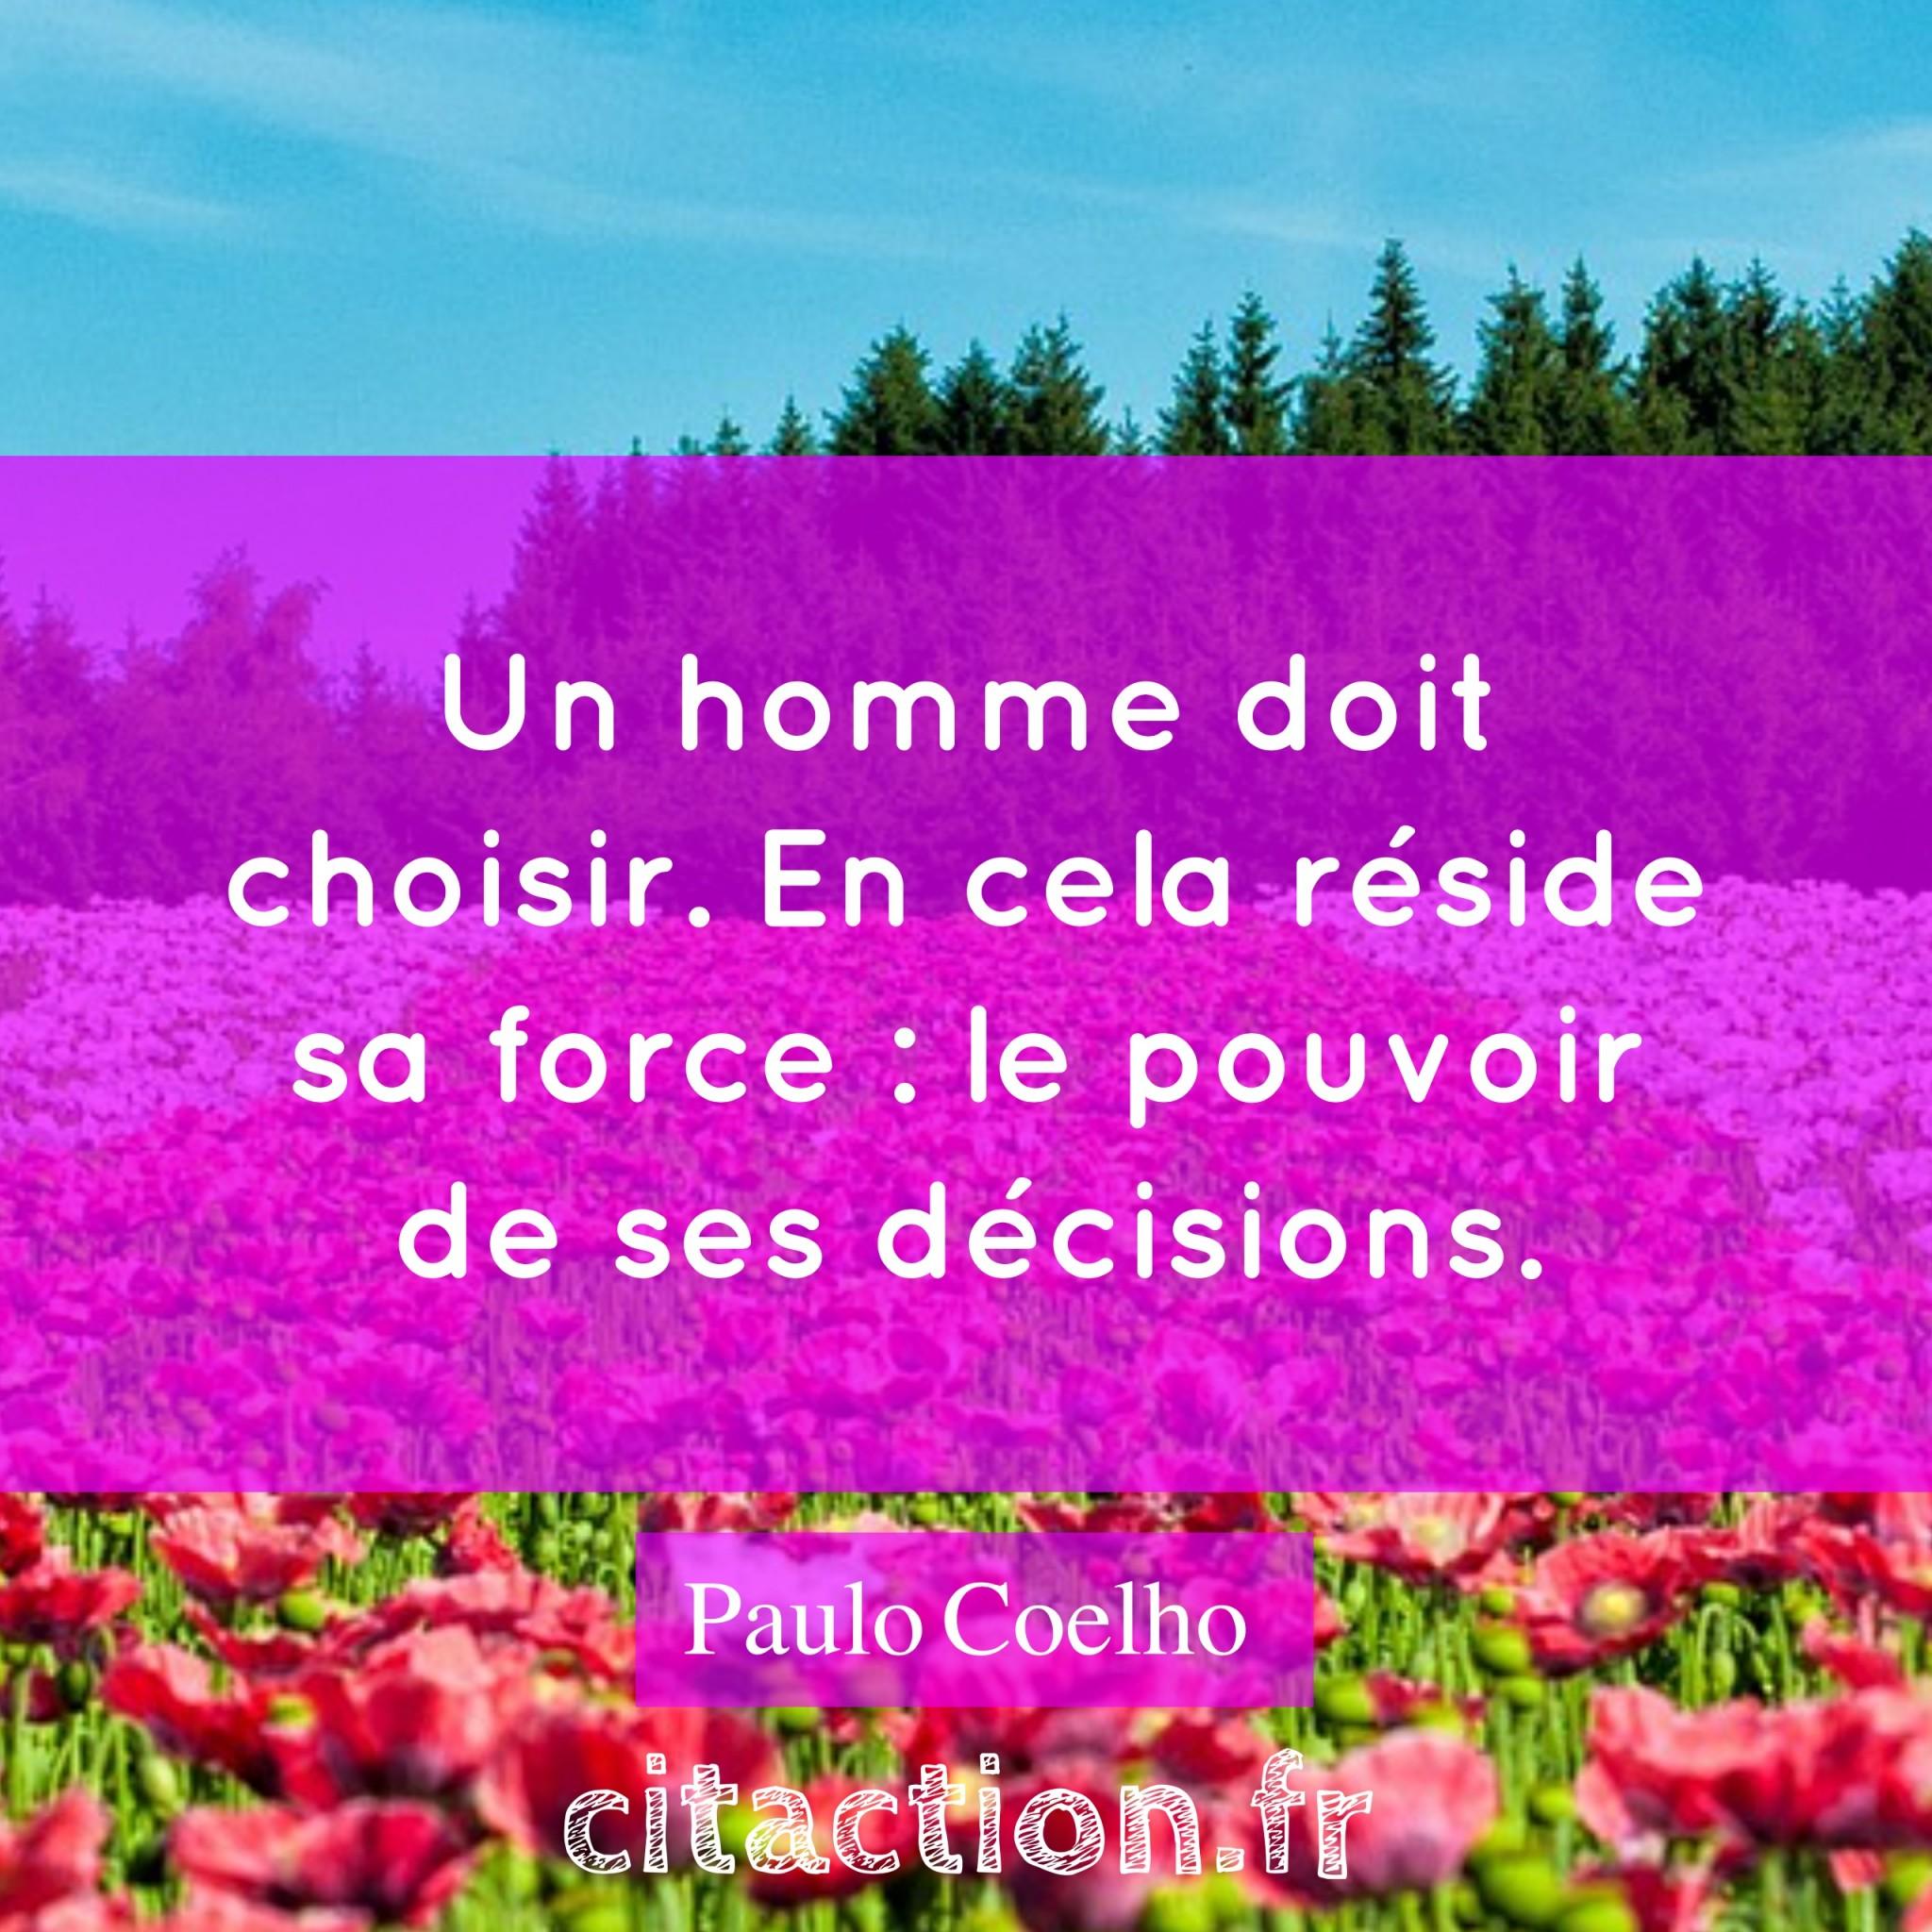 Un homme doit choisir. En cela réside sa force : le pouvoir de ses décisions.